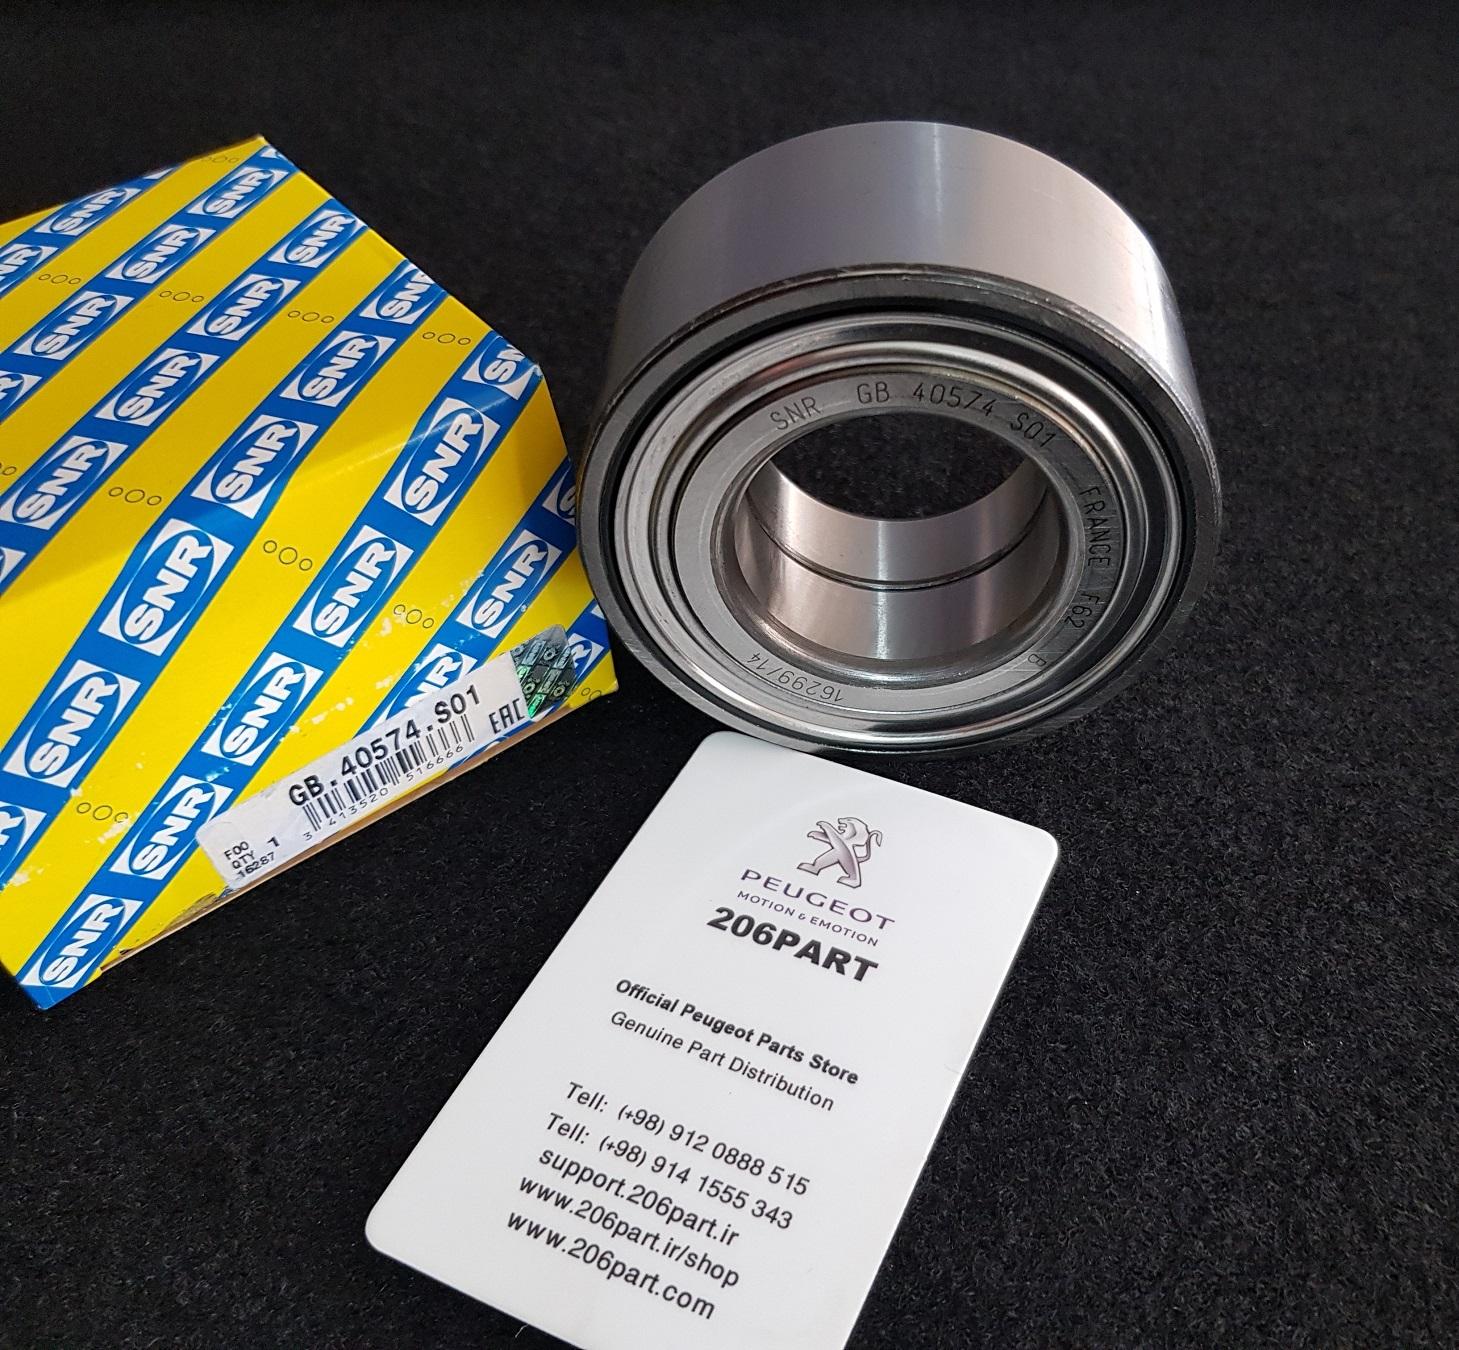 بلبرینگ توپی چرخ جلو 206 تیپ 5 و 207/ SNR